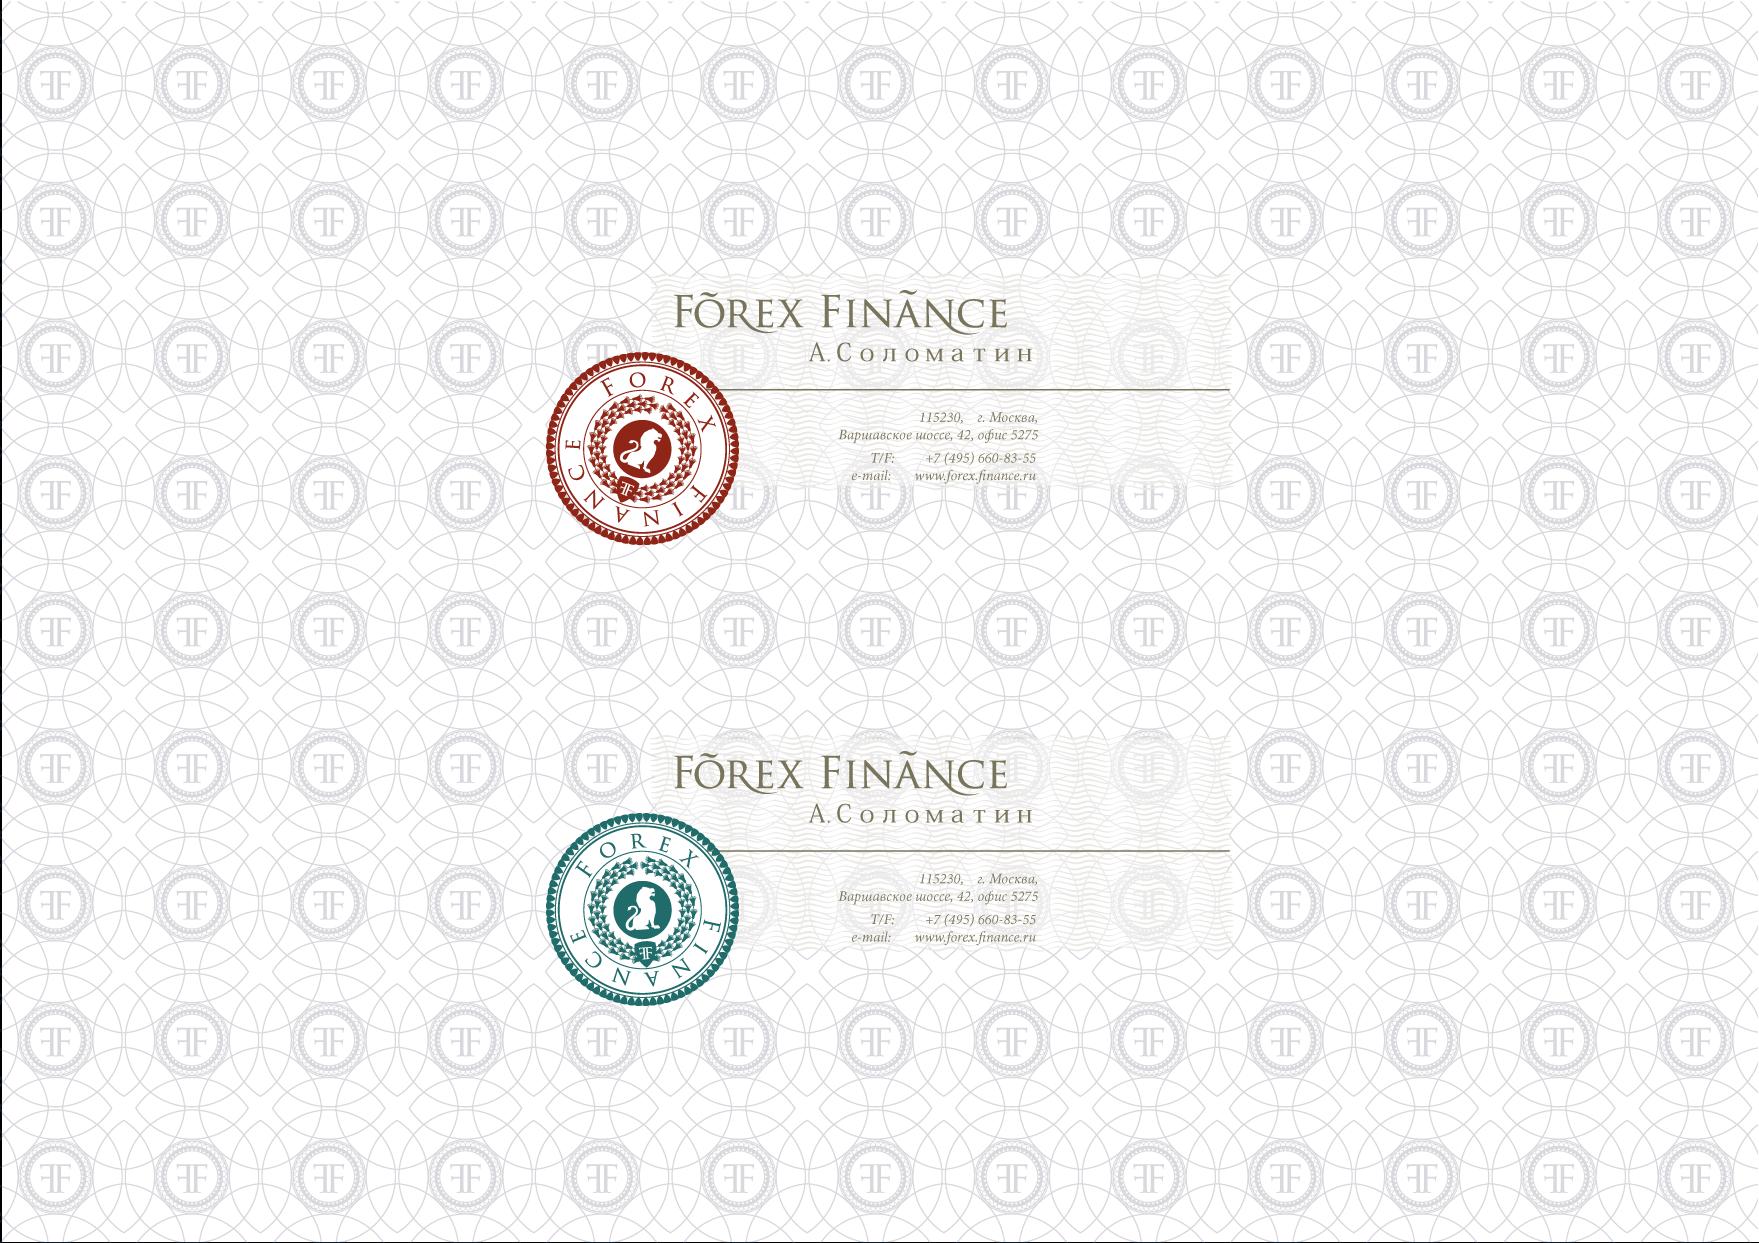 Разработка логотипа компании фото f_5019575f316b9.png